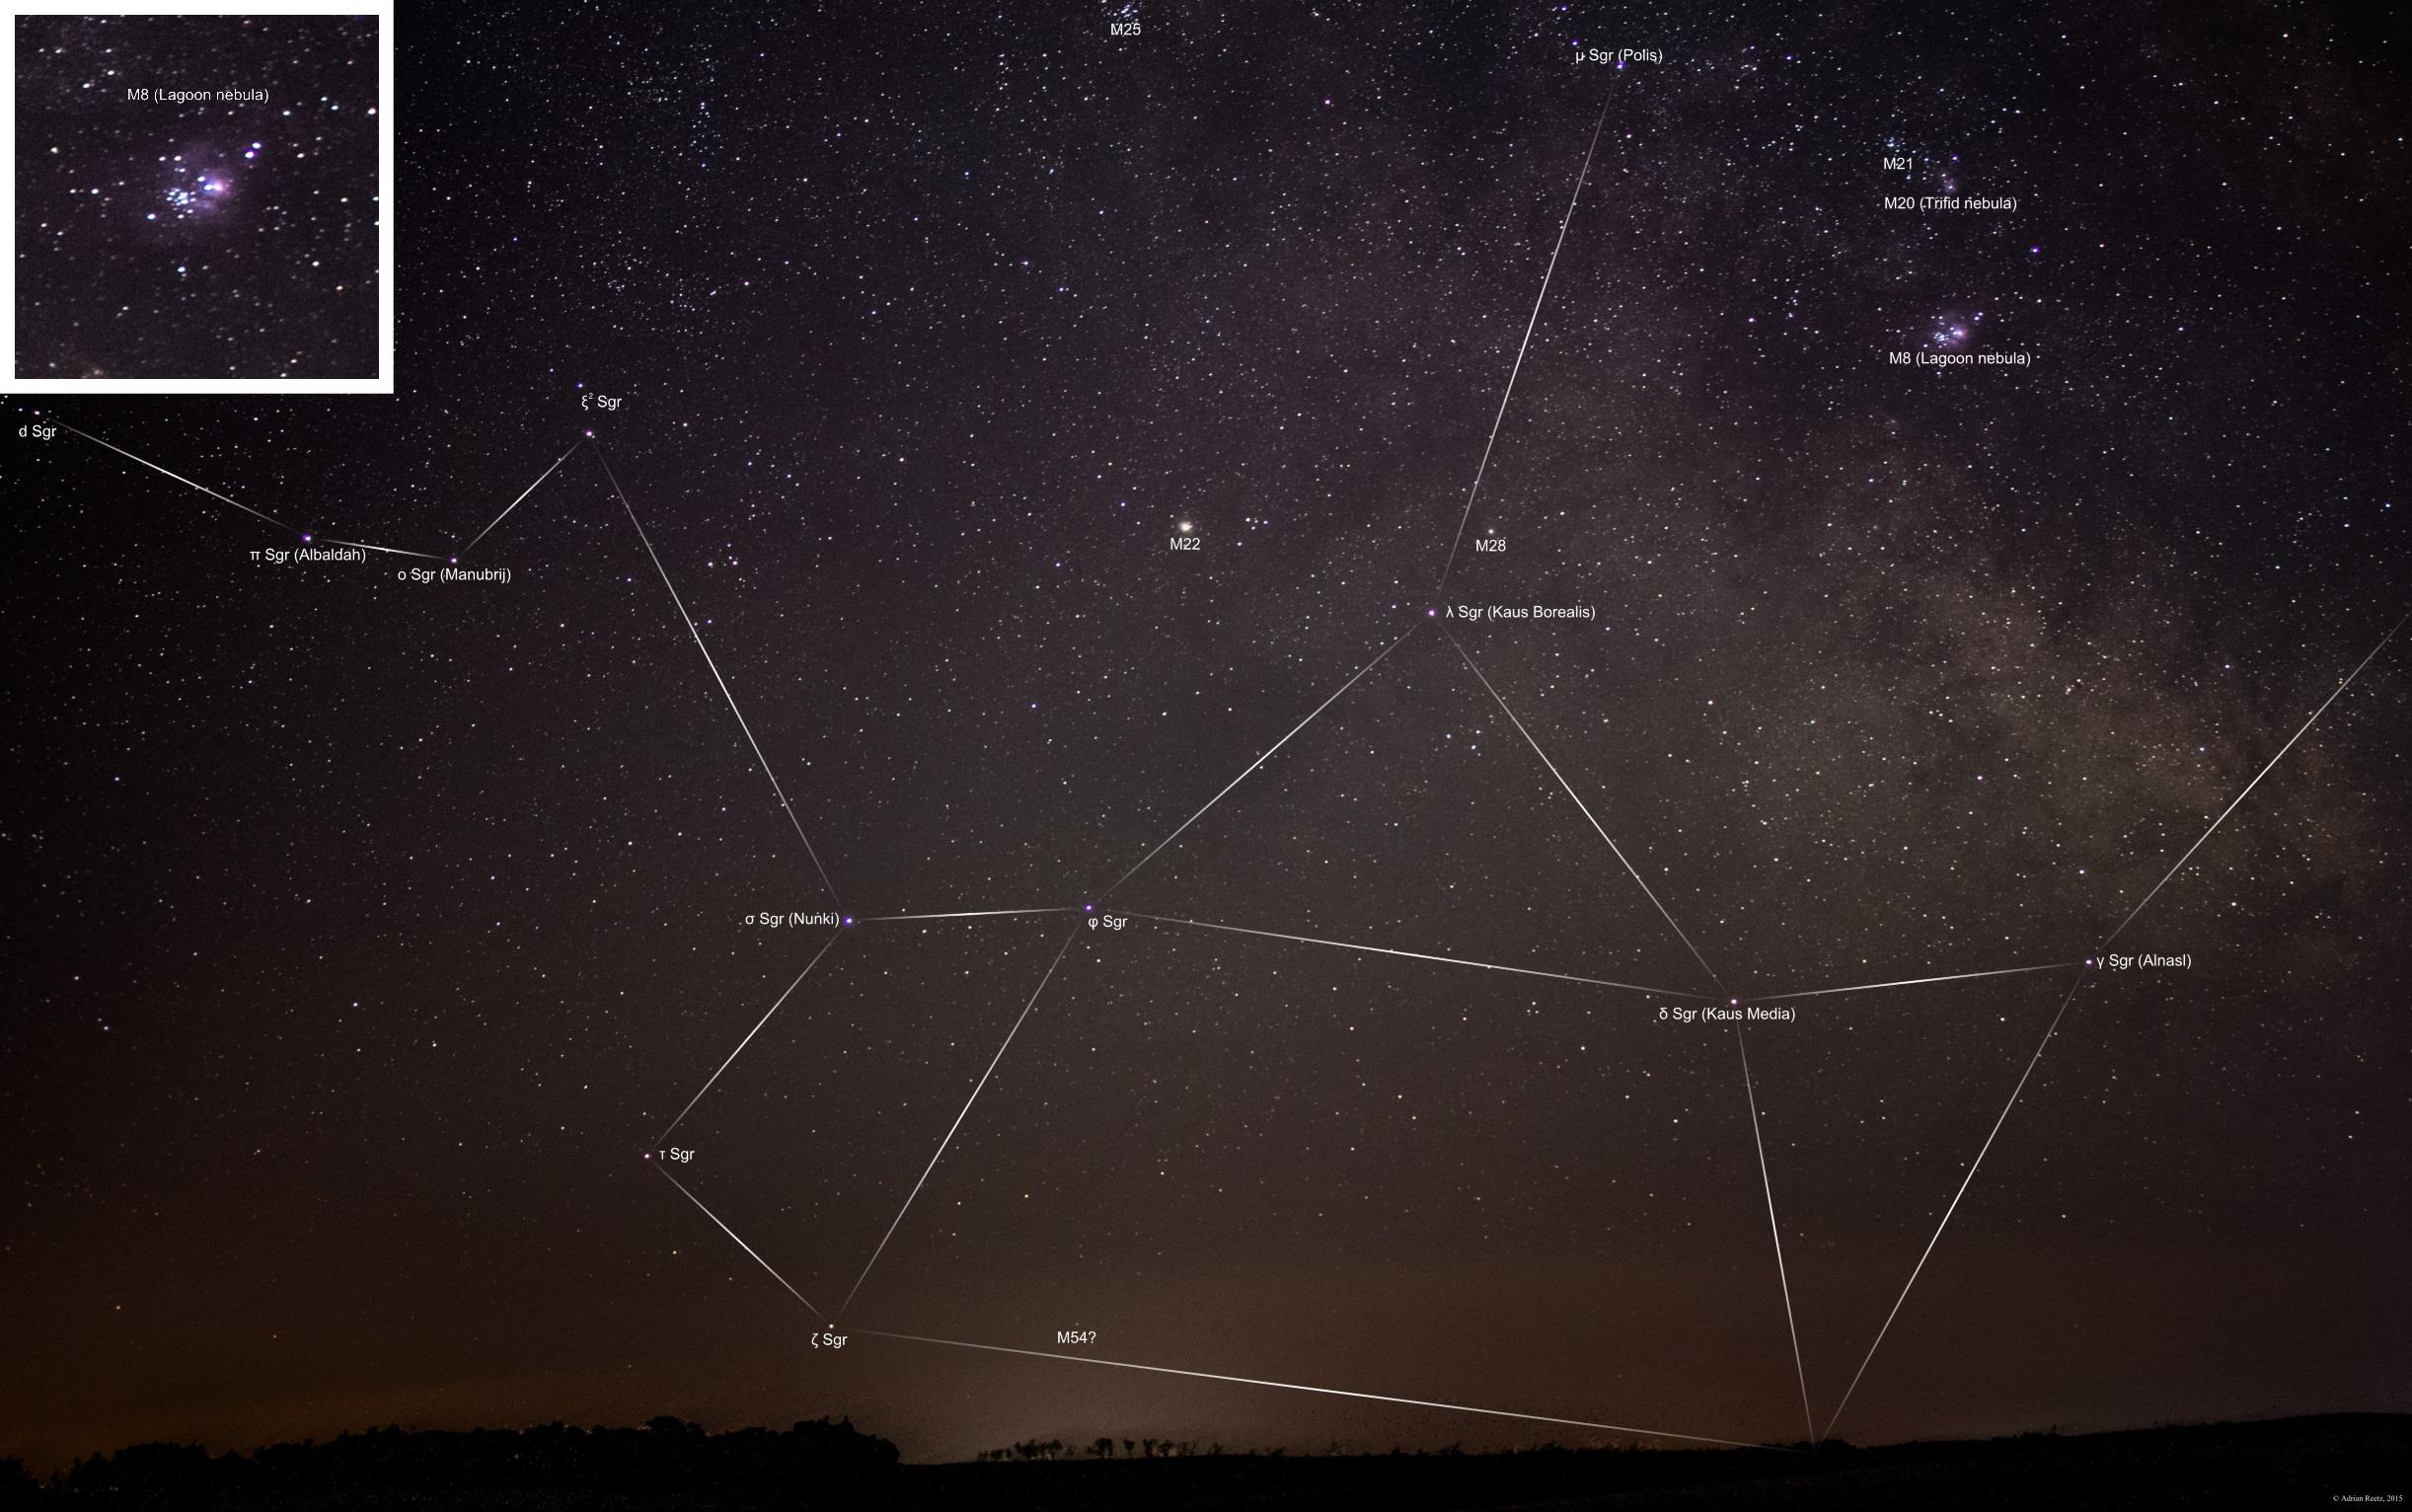 Constellation: Sagittarius